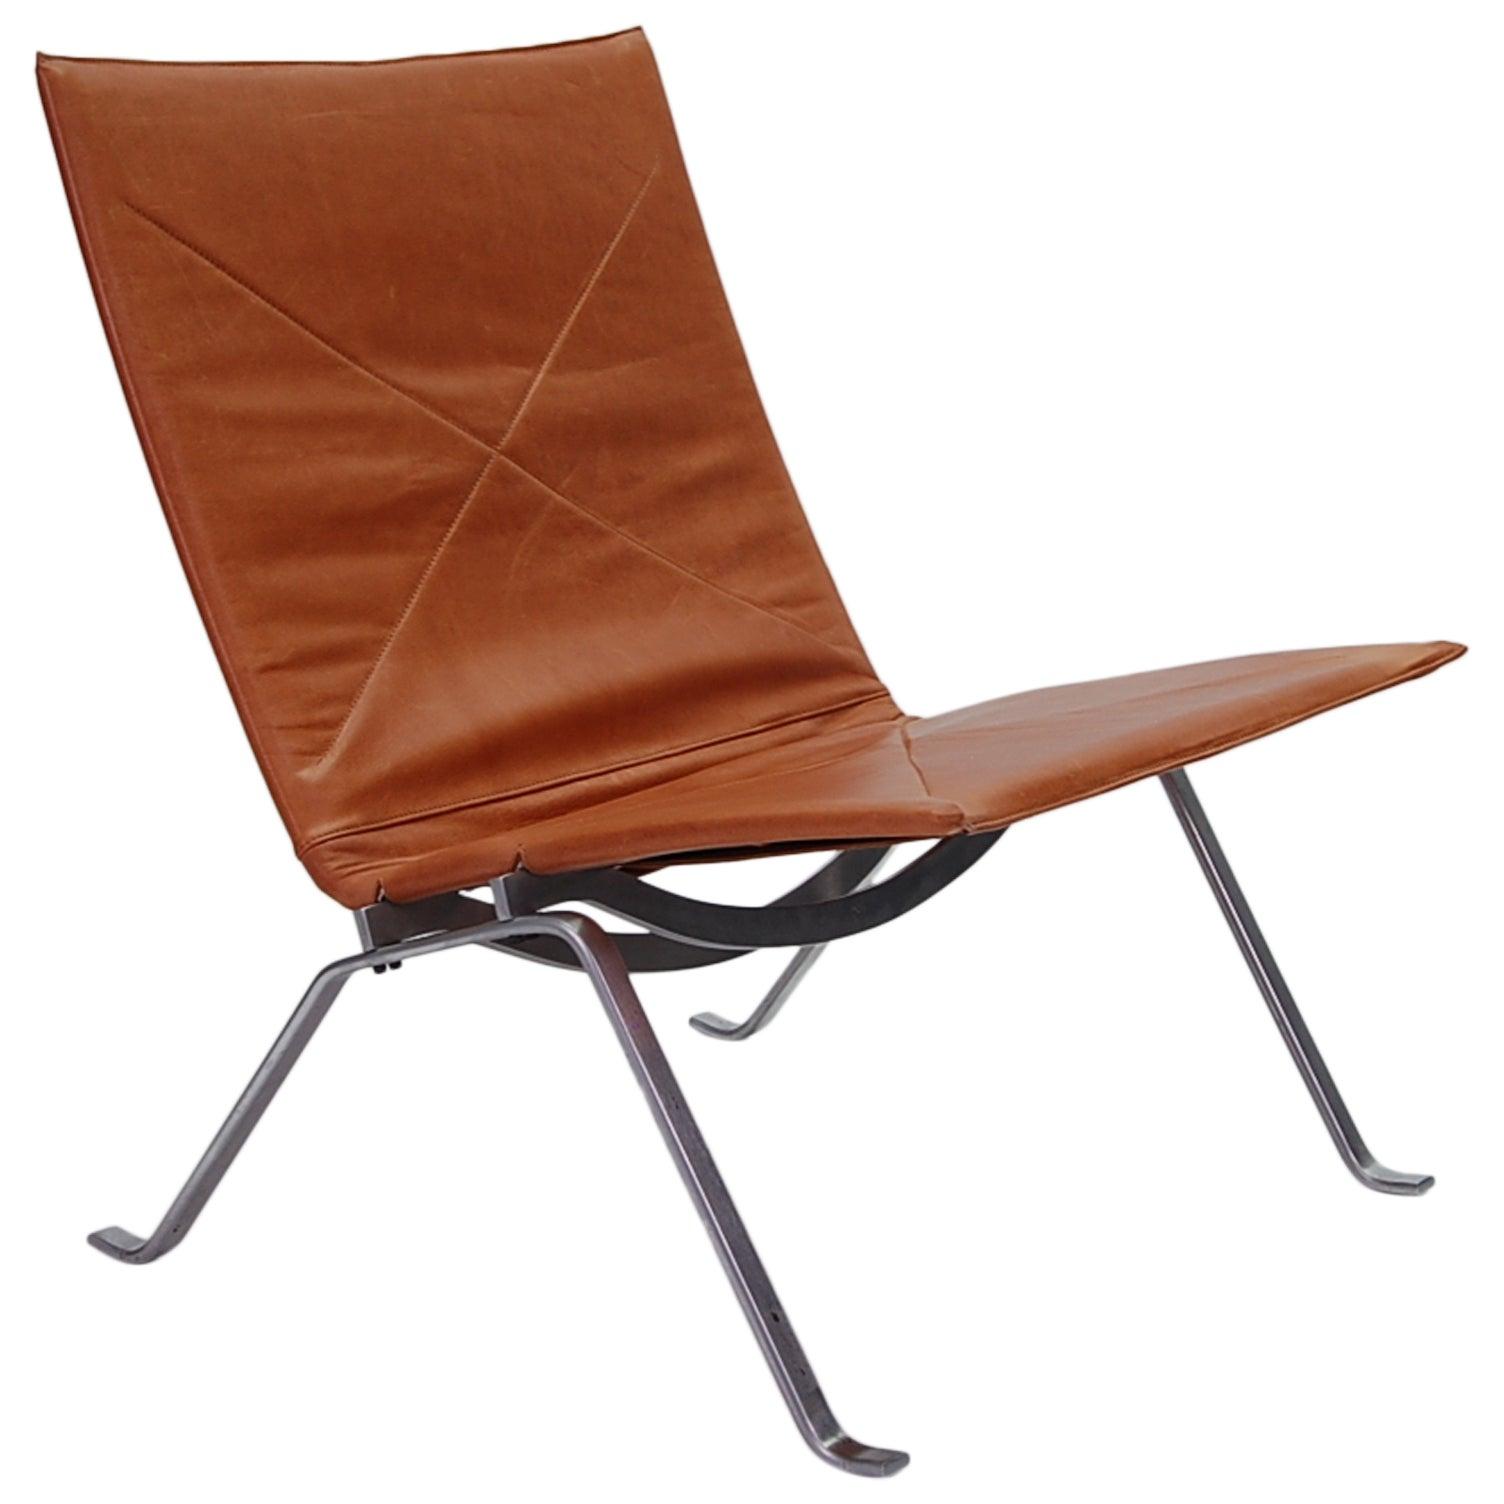 Early Poul Kjaerholm PK22 Lounge Chair